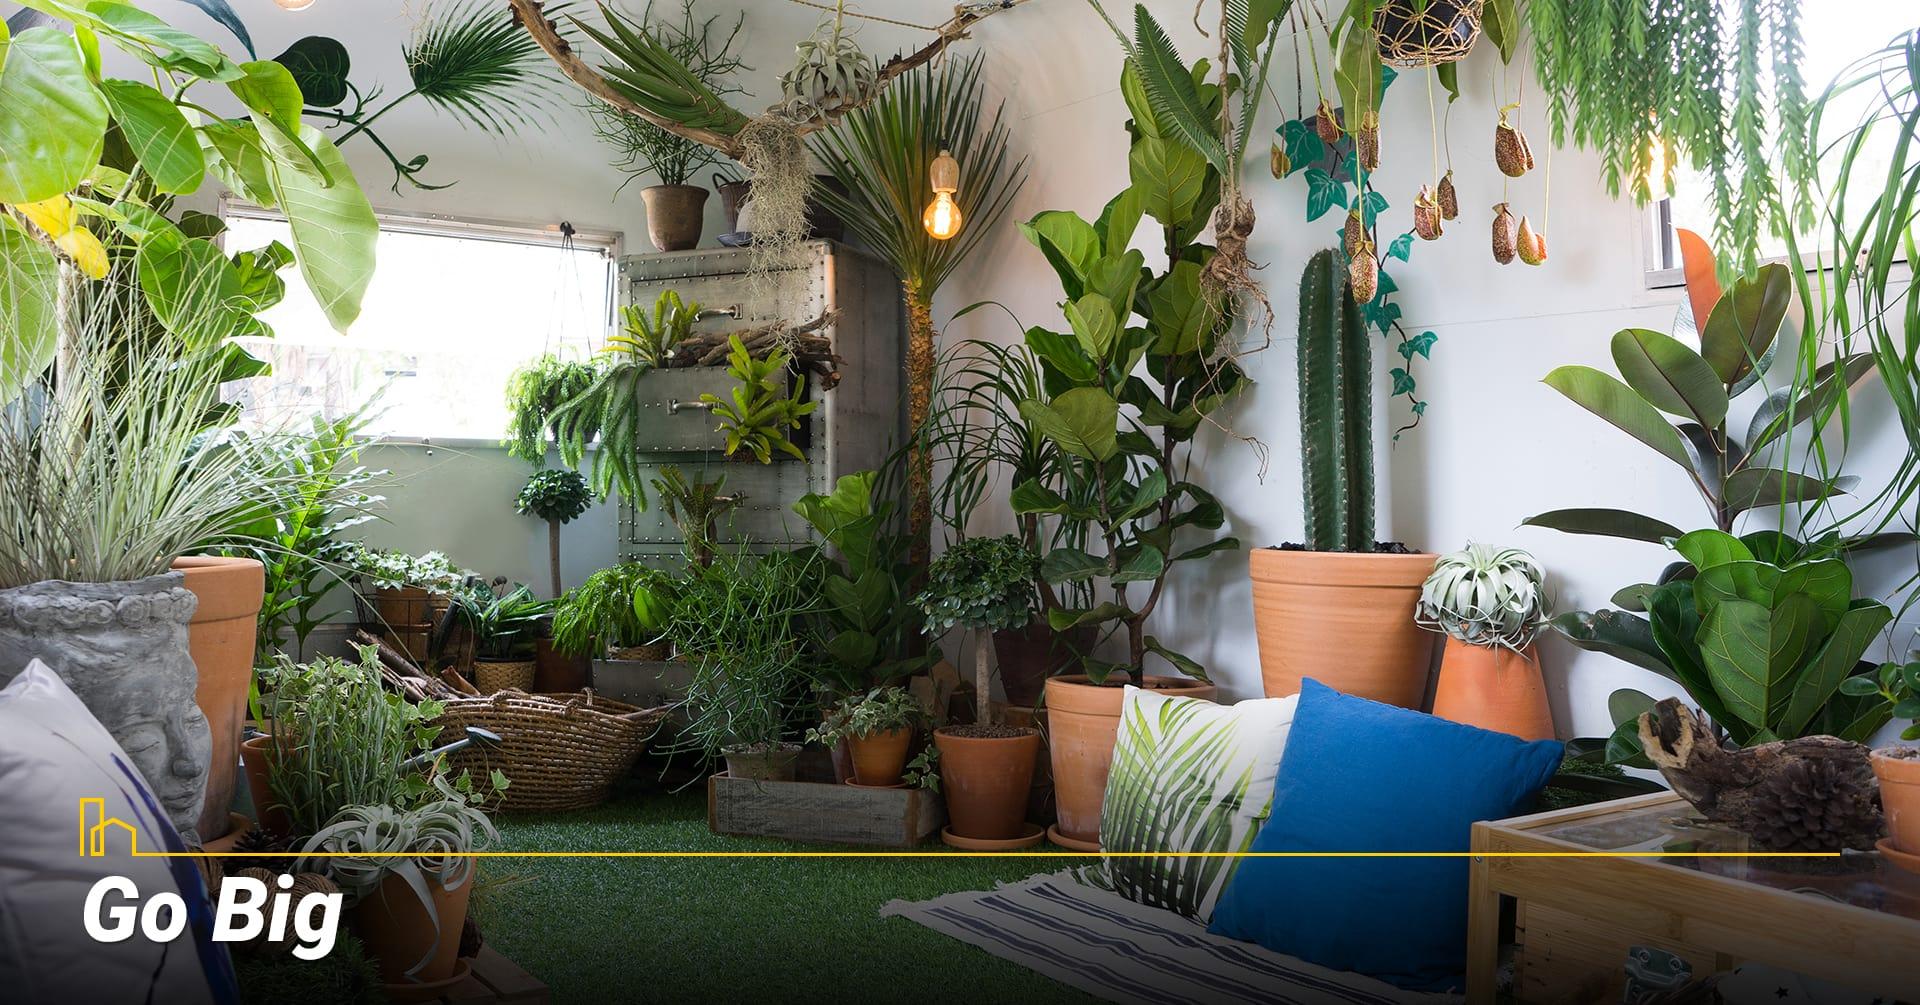 Go Big, Consider bigger plants